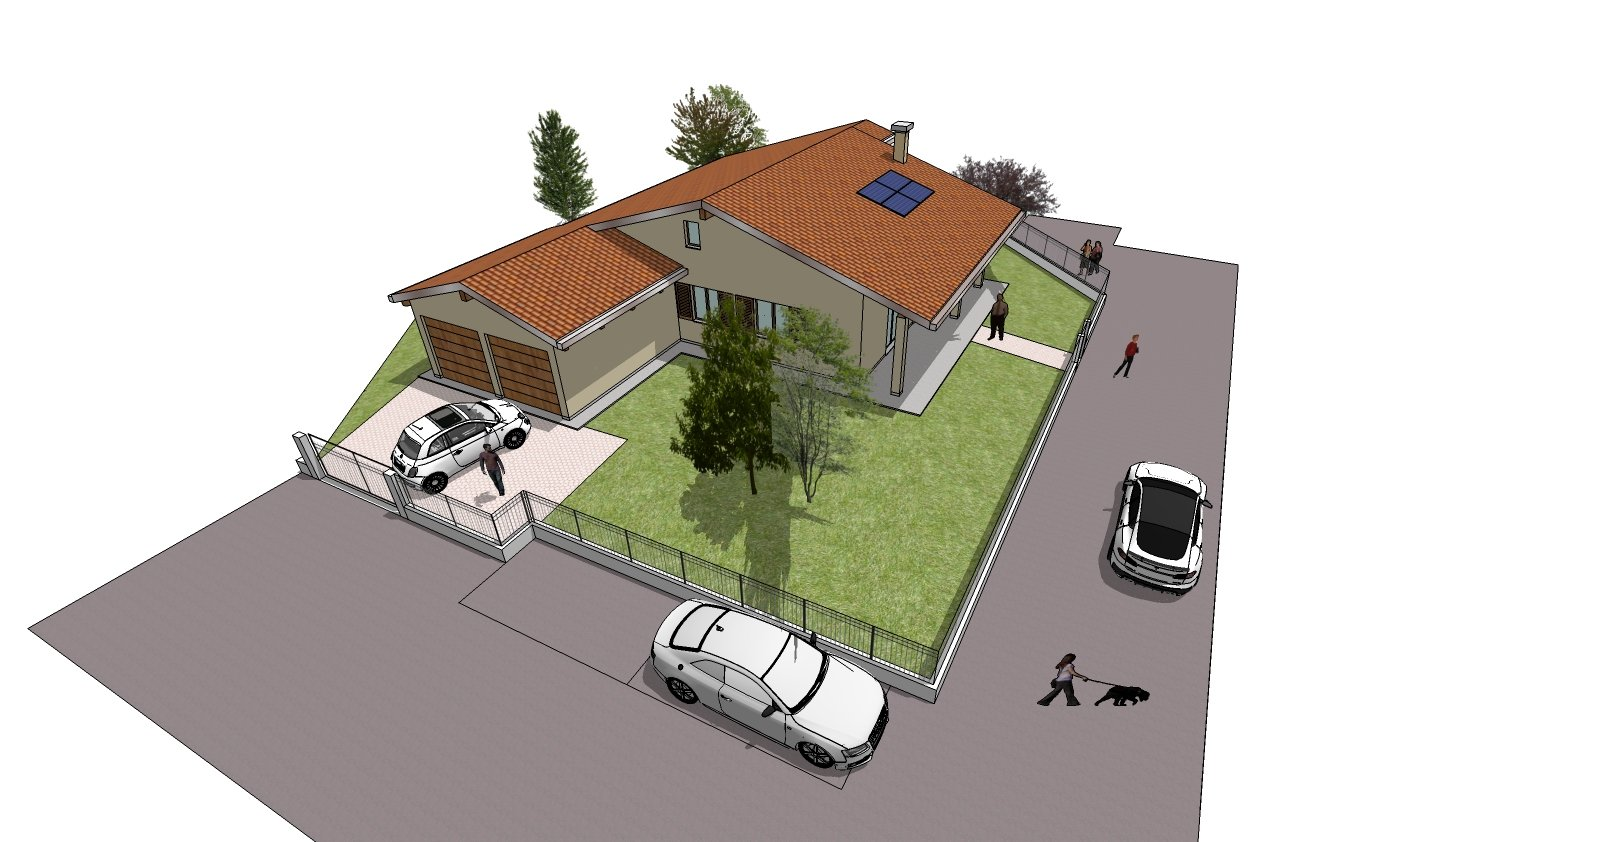 disegno bozza casa - area parcheggio